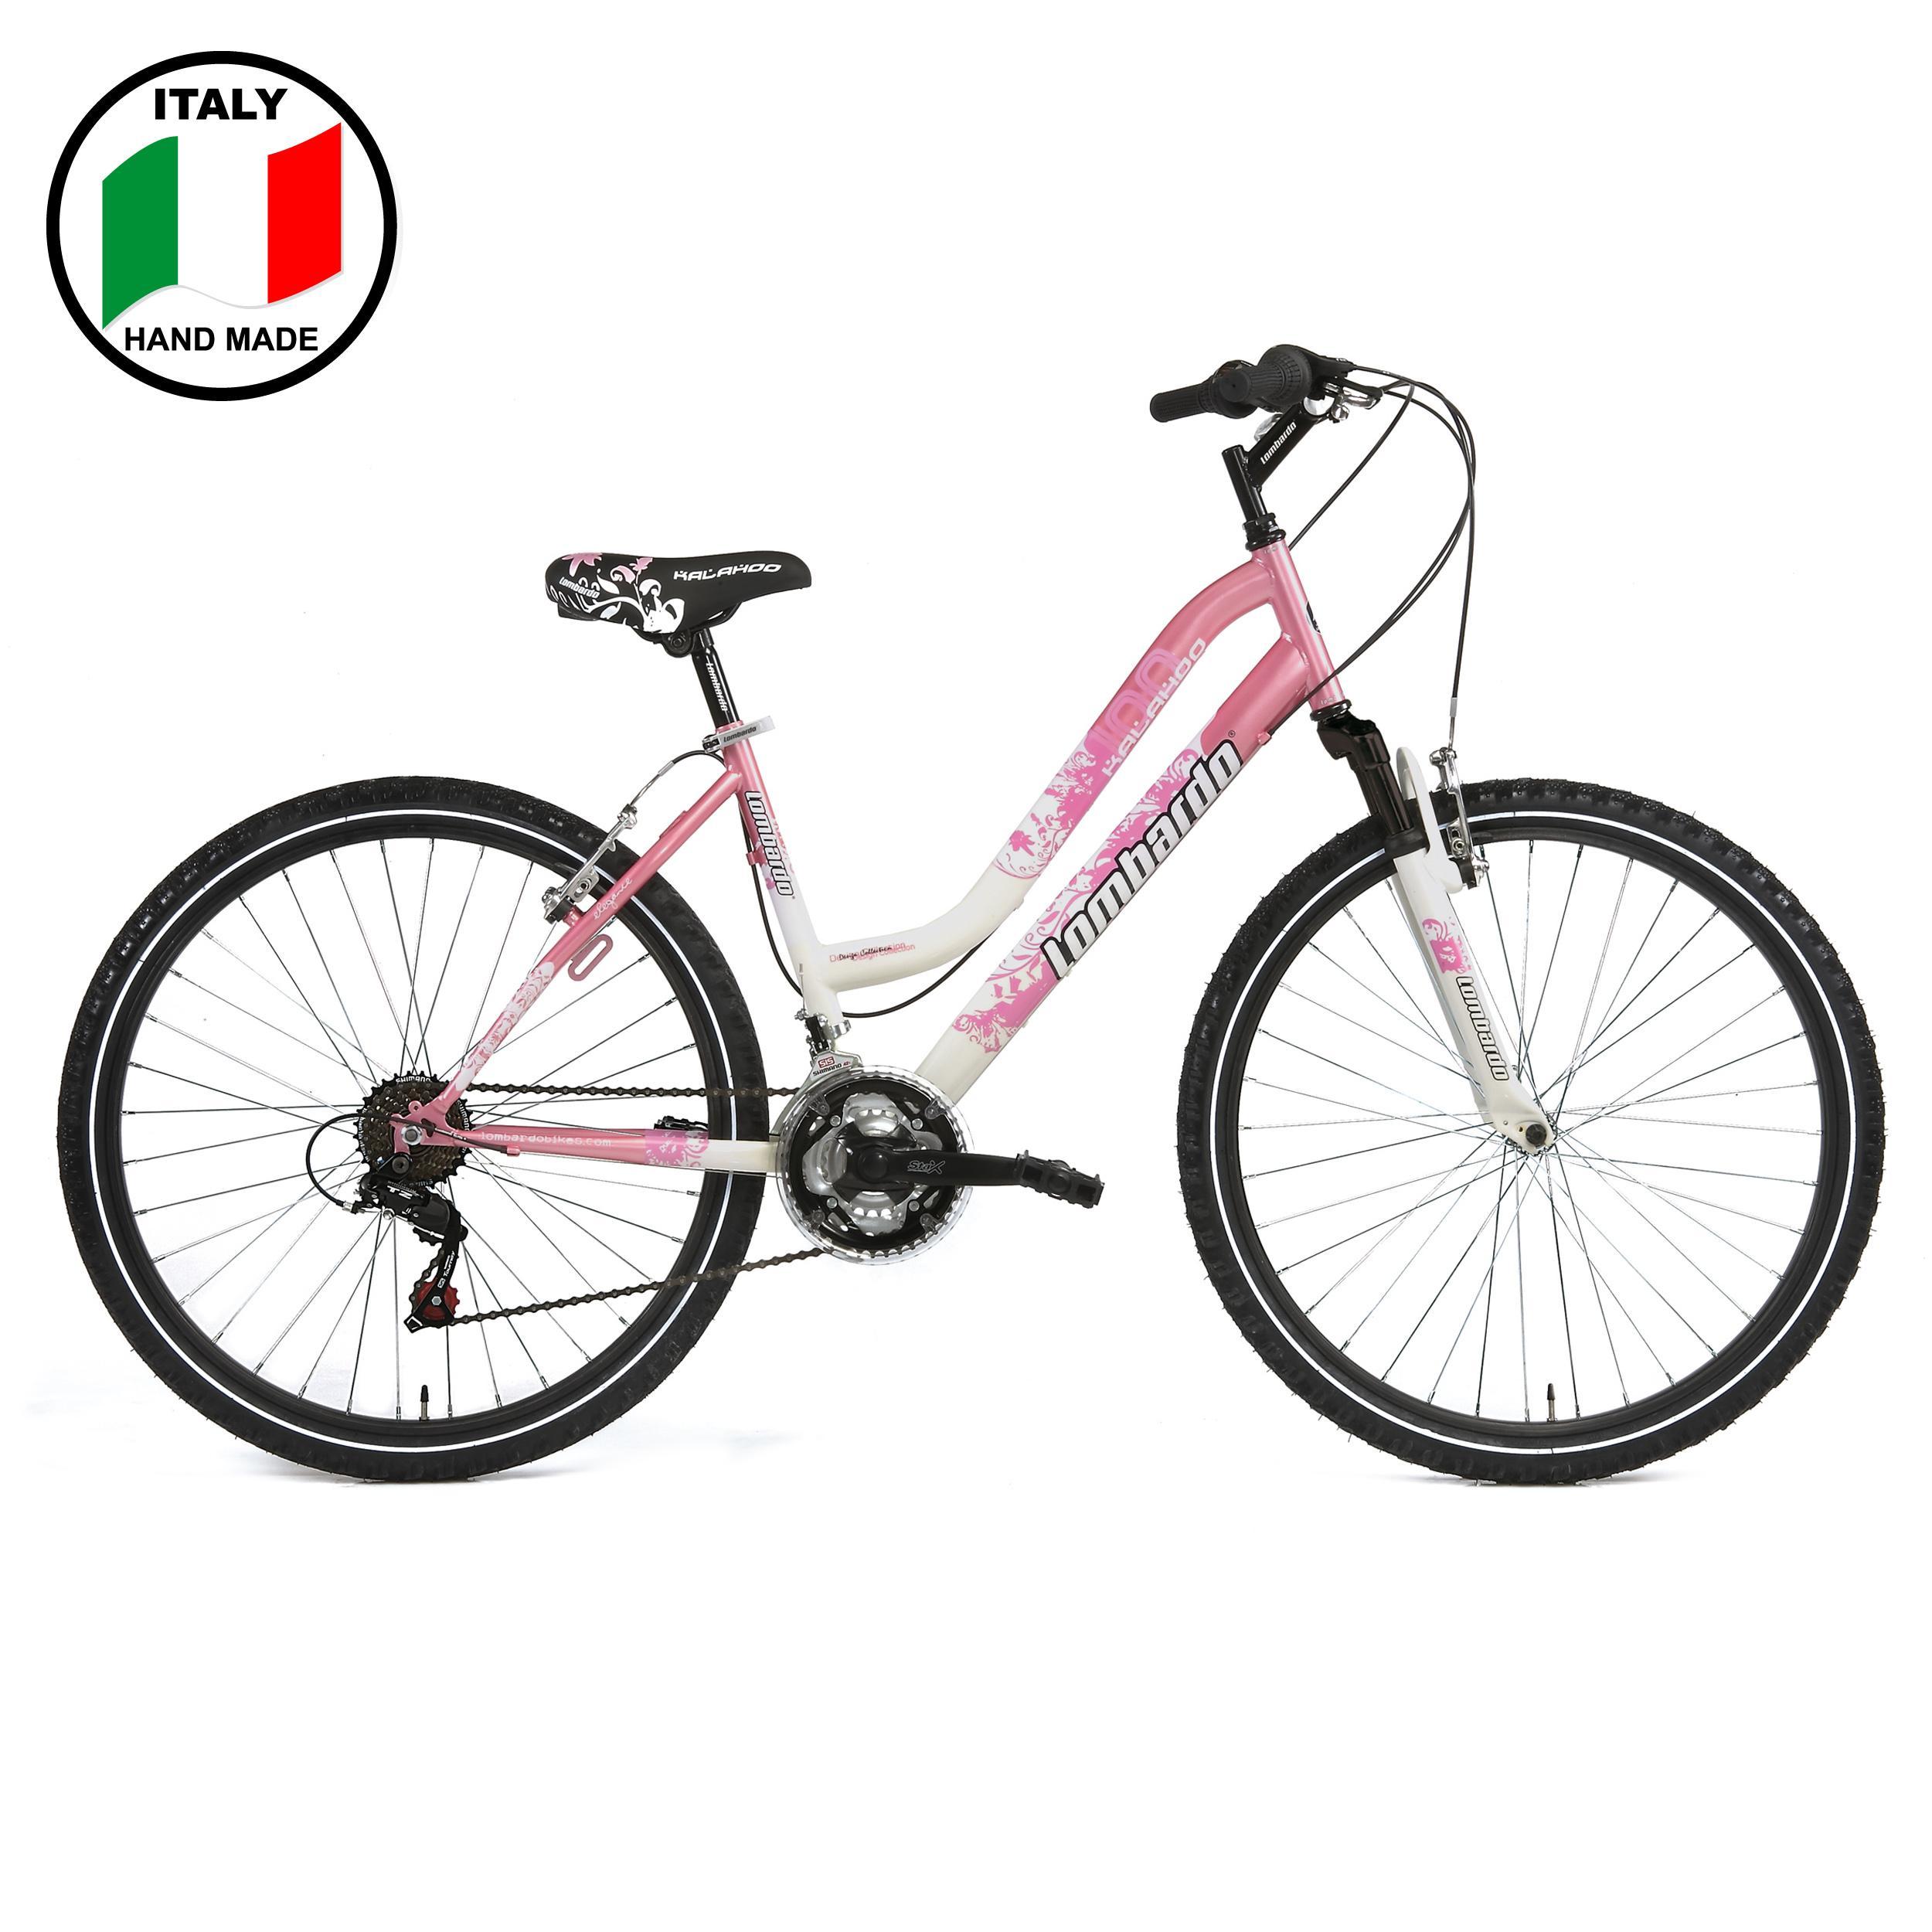 Lombardo Women's Kalahoo 100 Bicycle